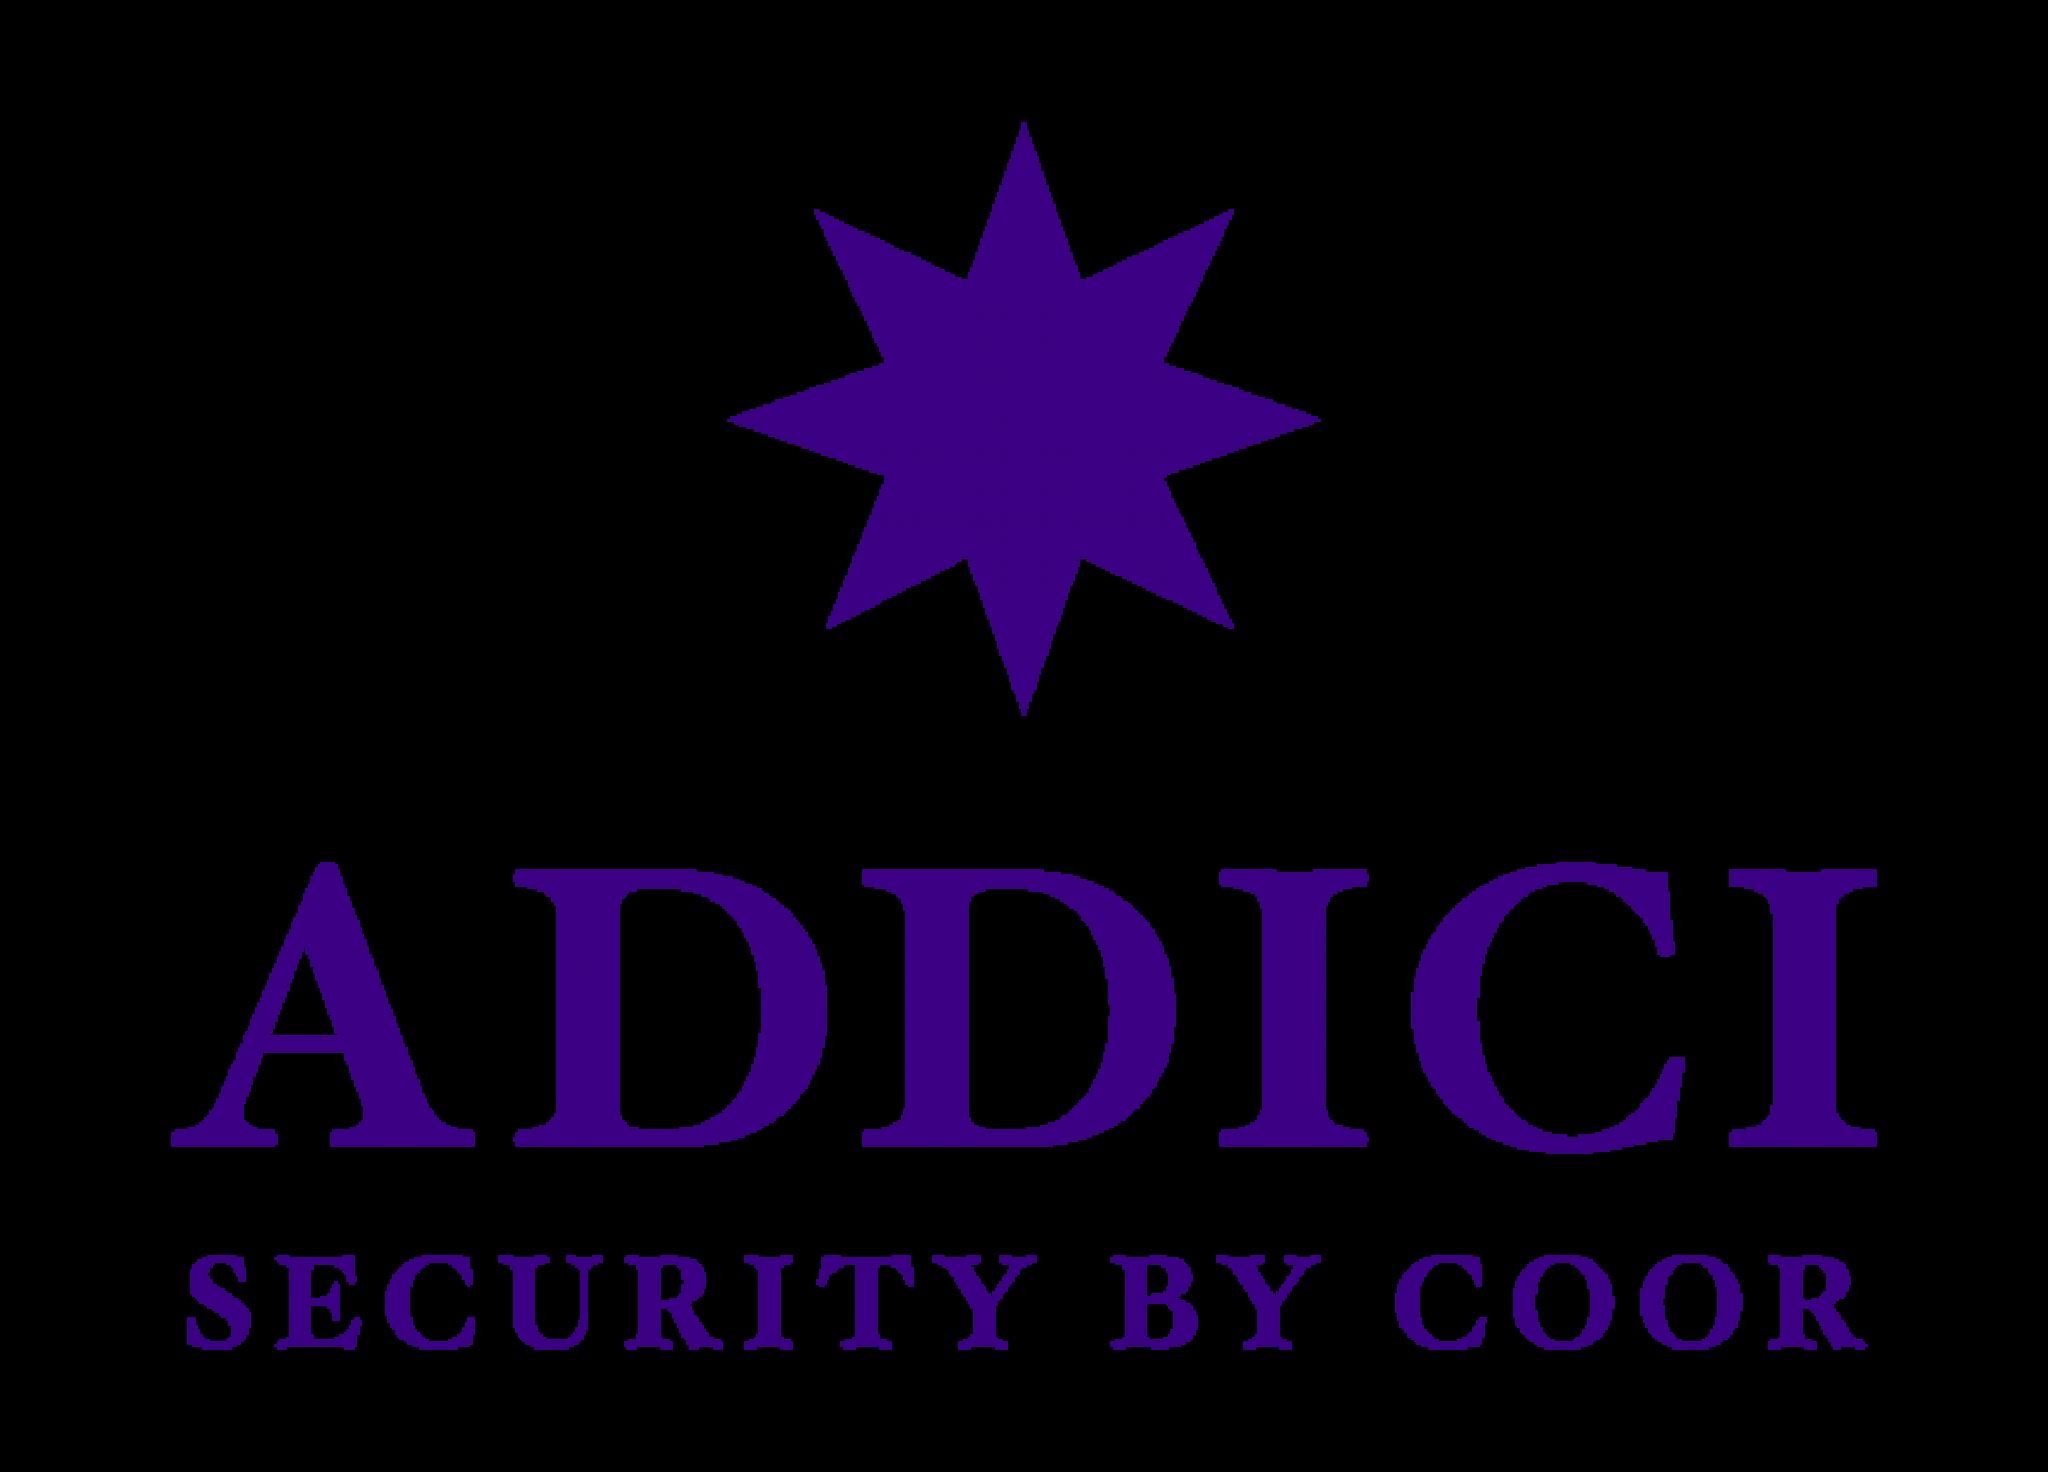 Arbetsledare - Addici Security